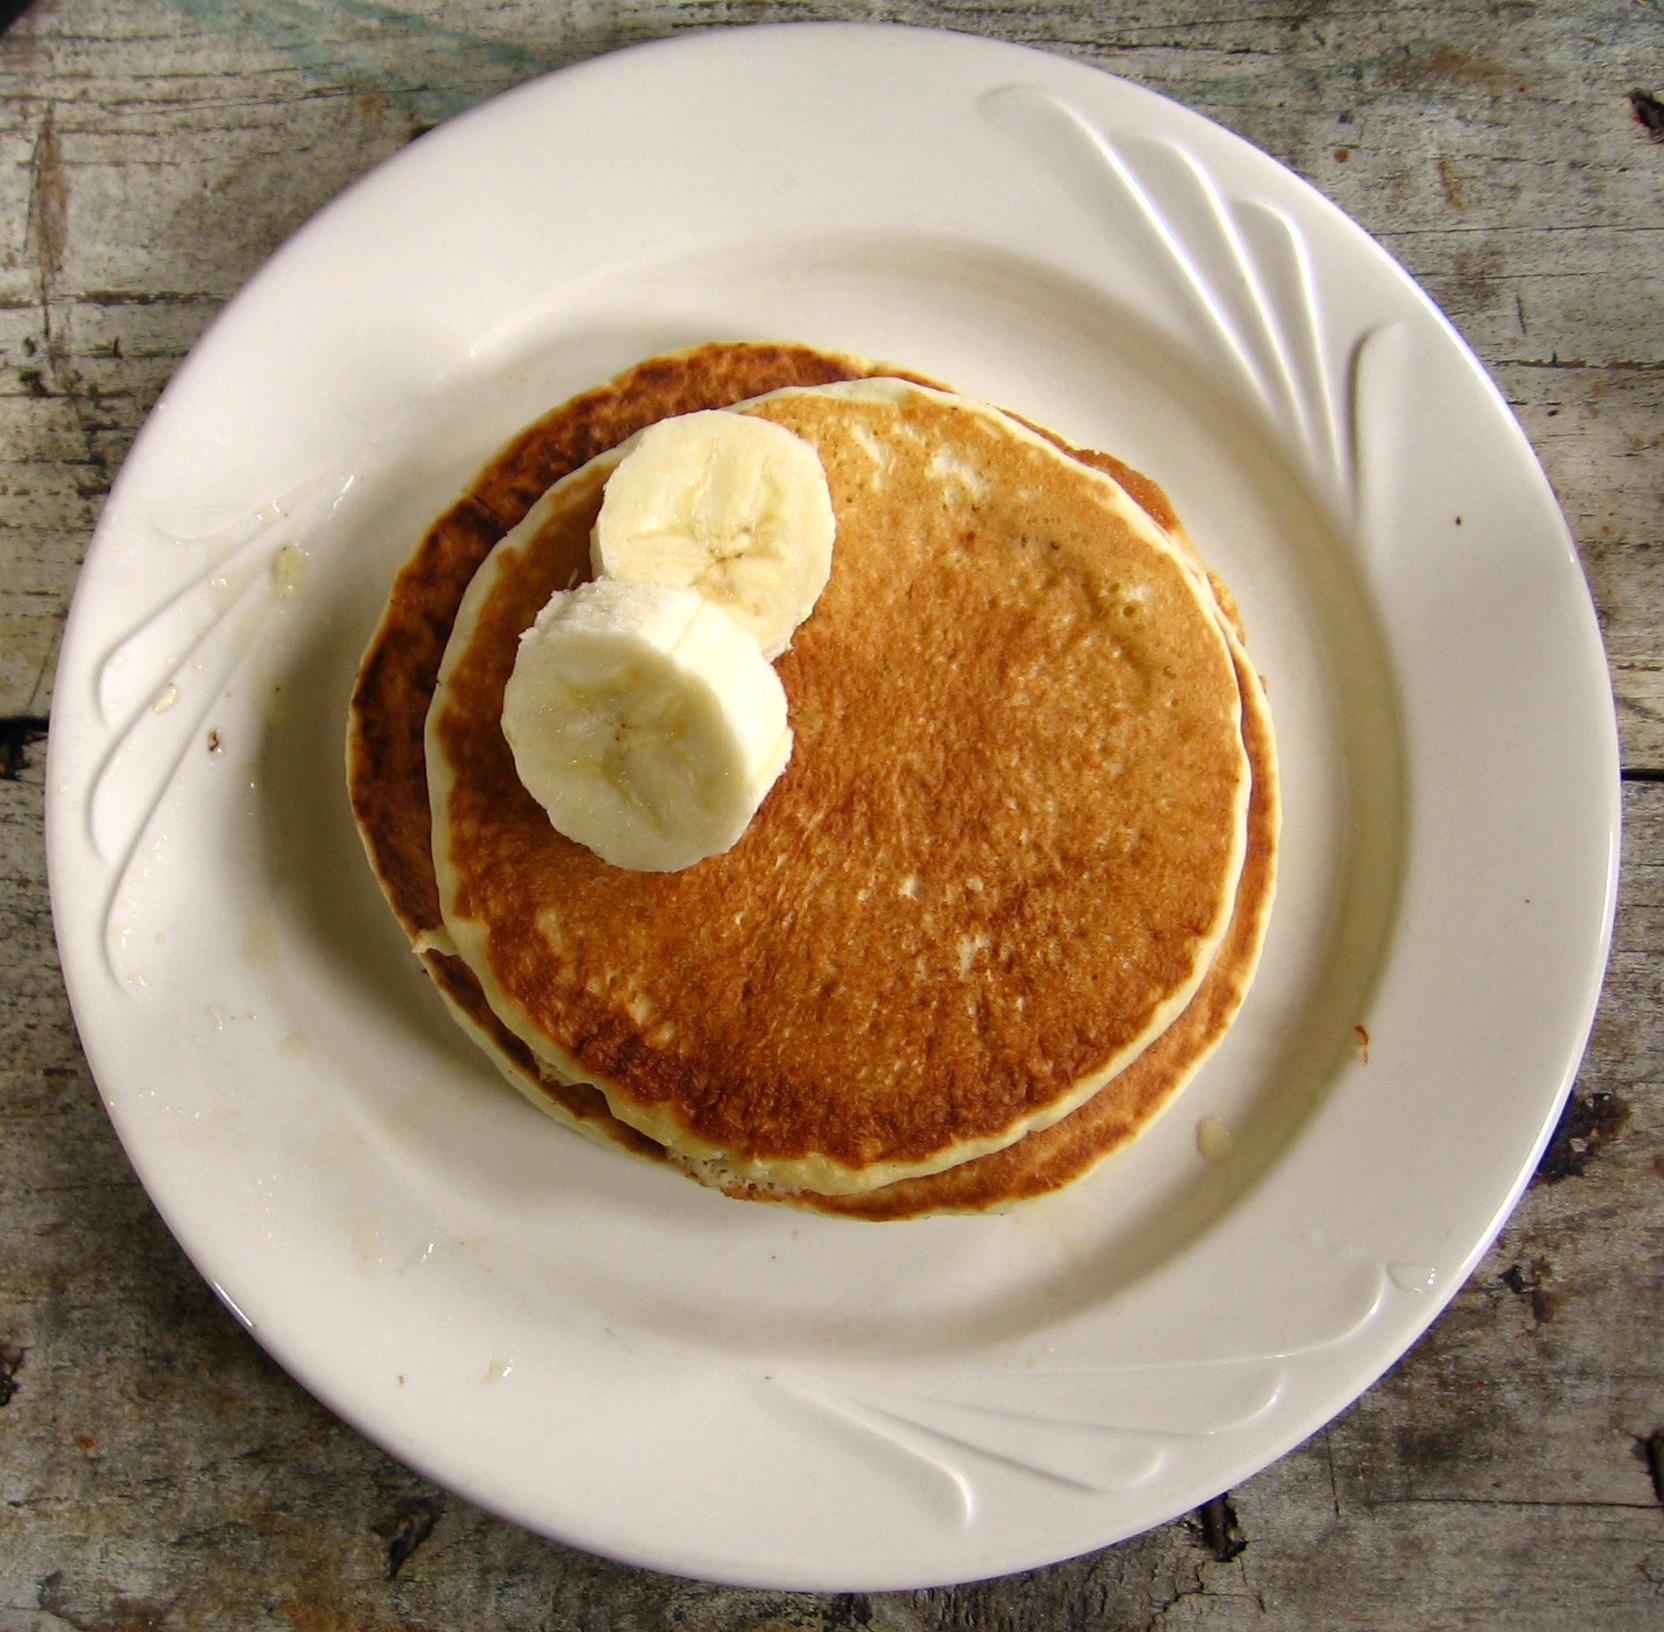 Banana_on_pancake.jpg